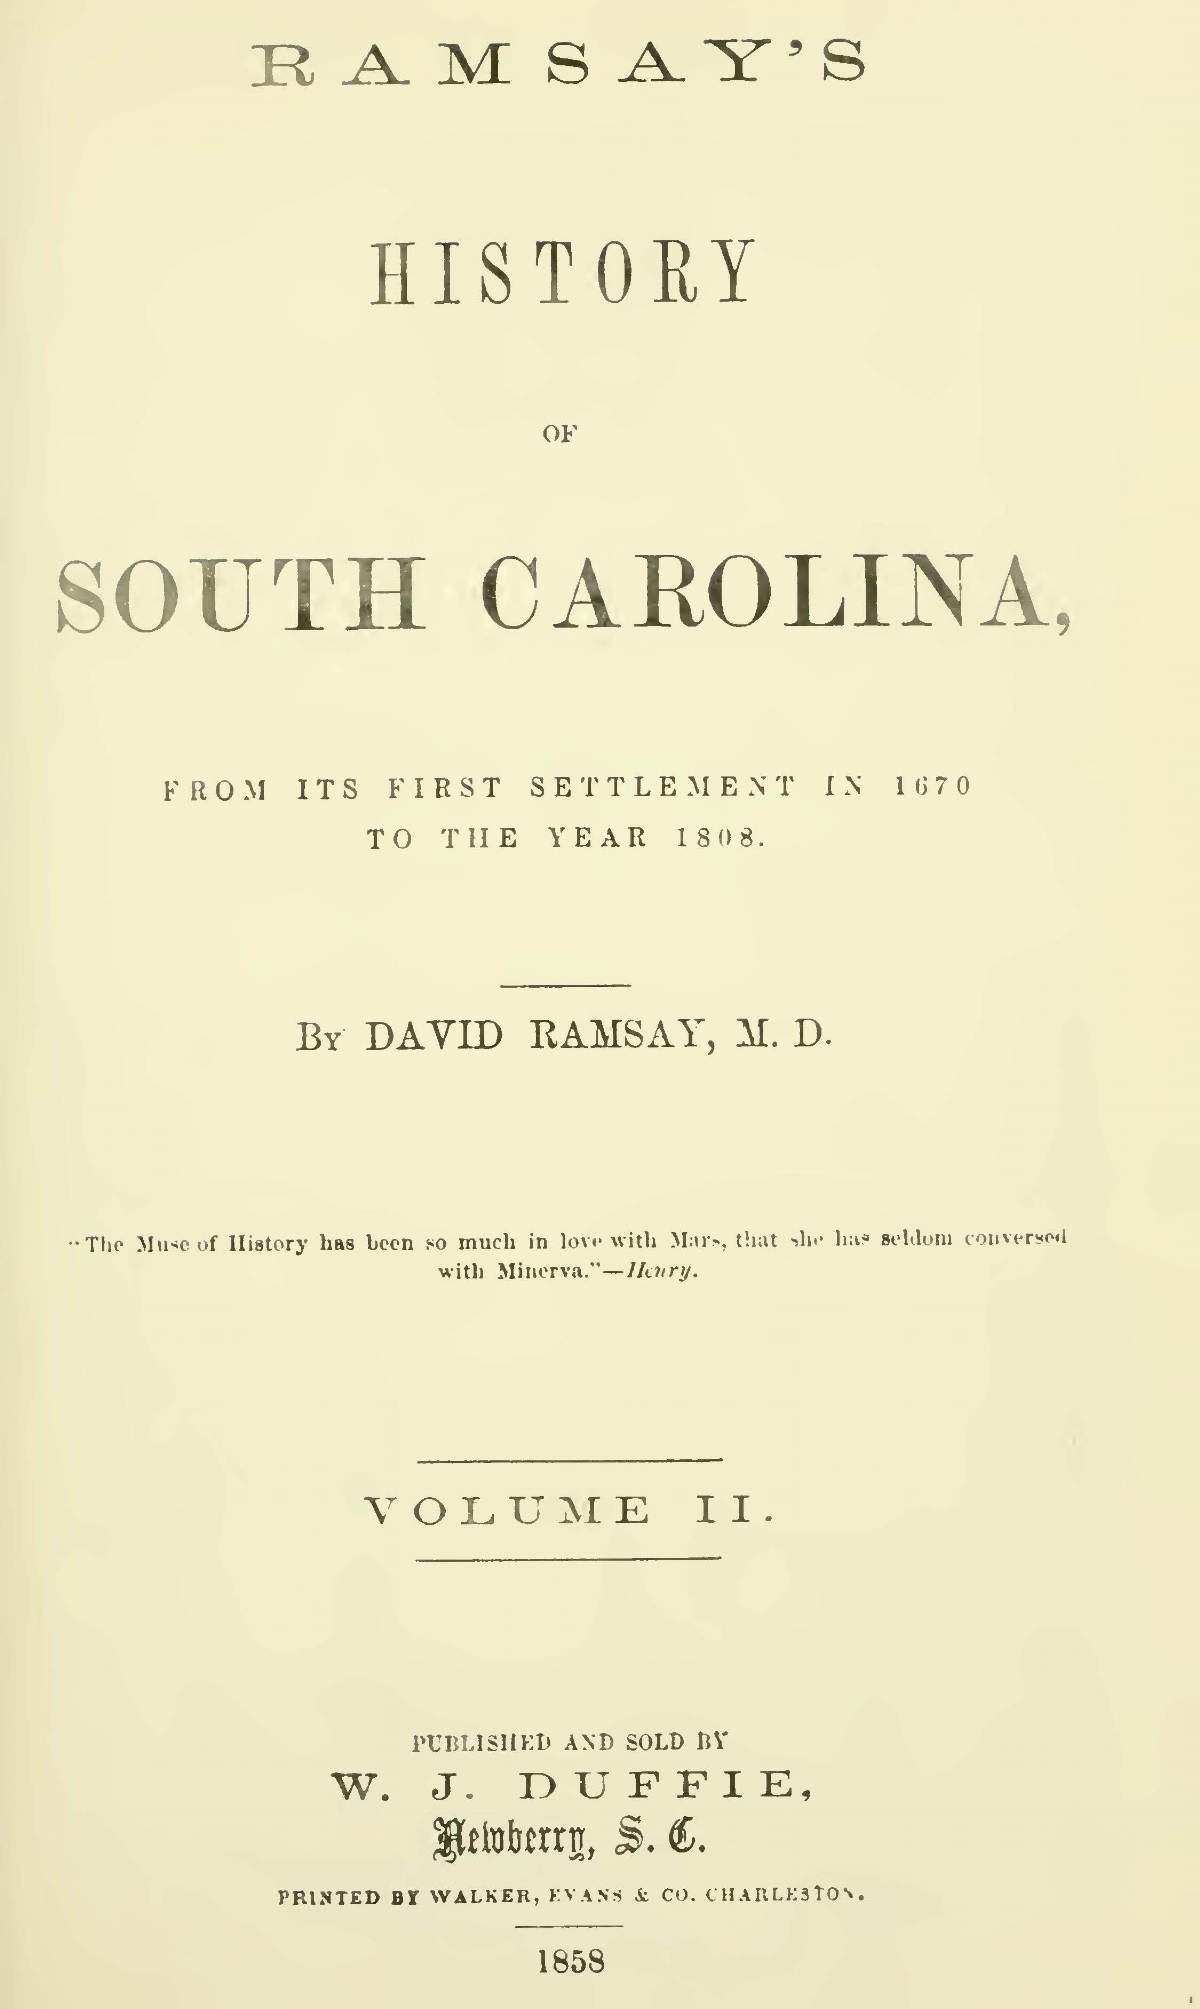 Ramsay, David, History of South Carolina, Vol. 2 Title Page.jpg